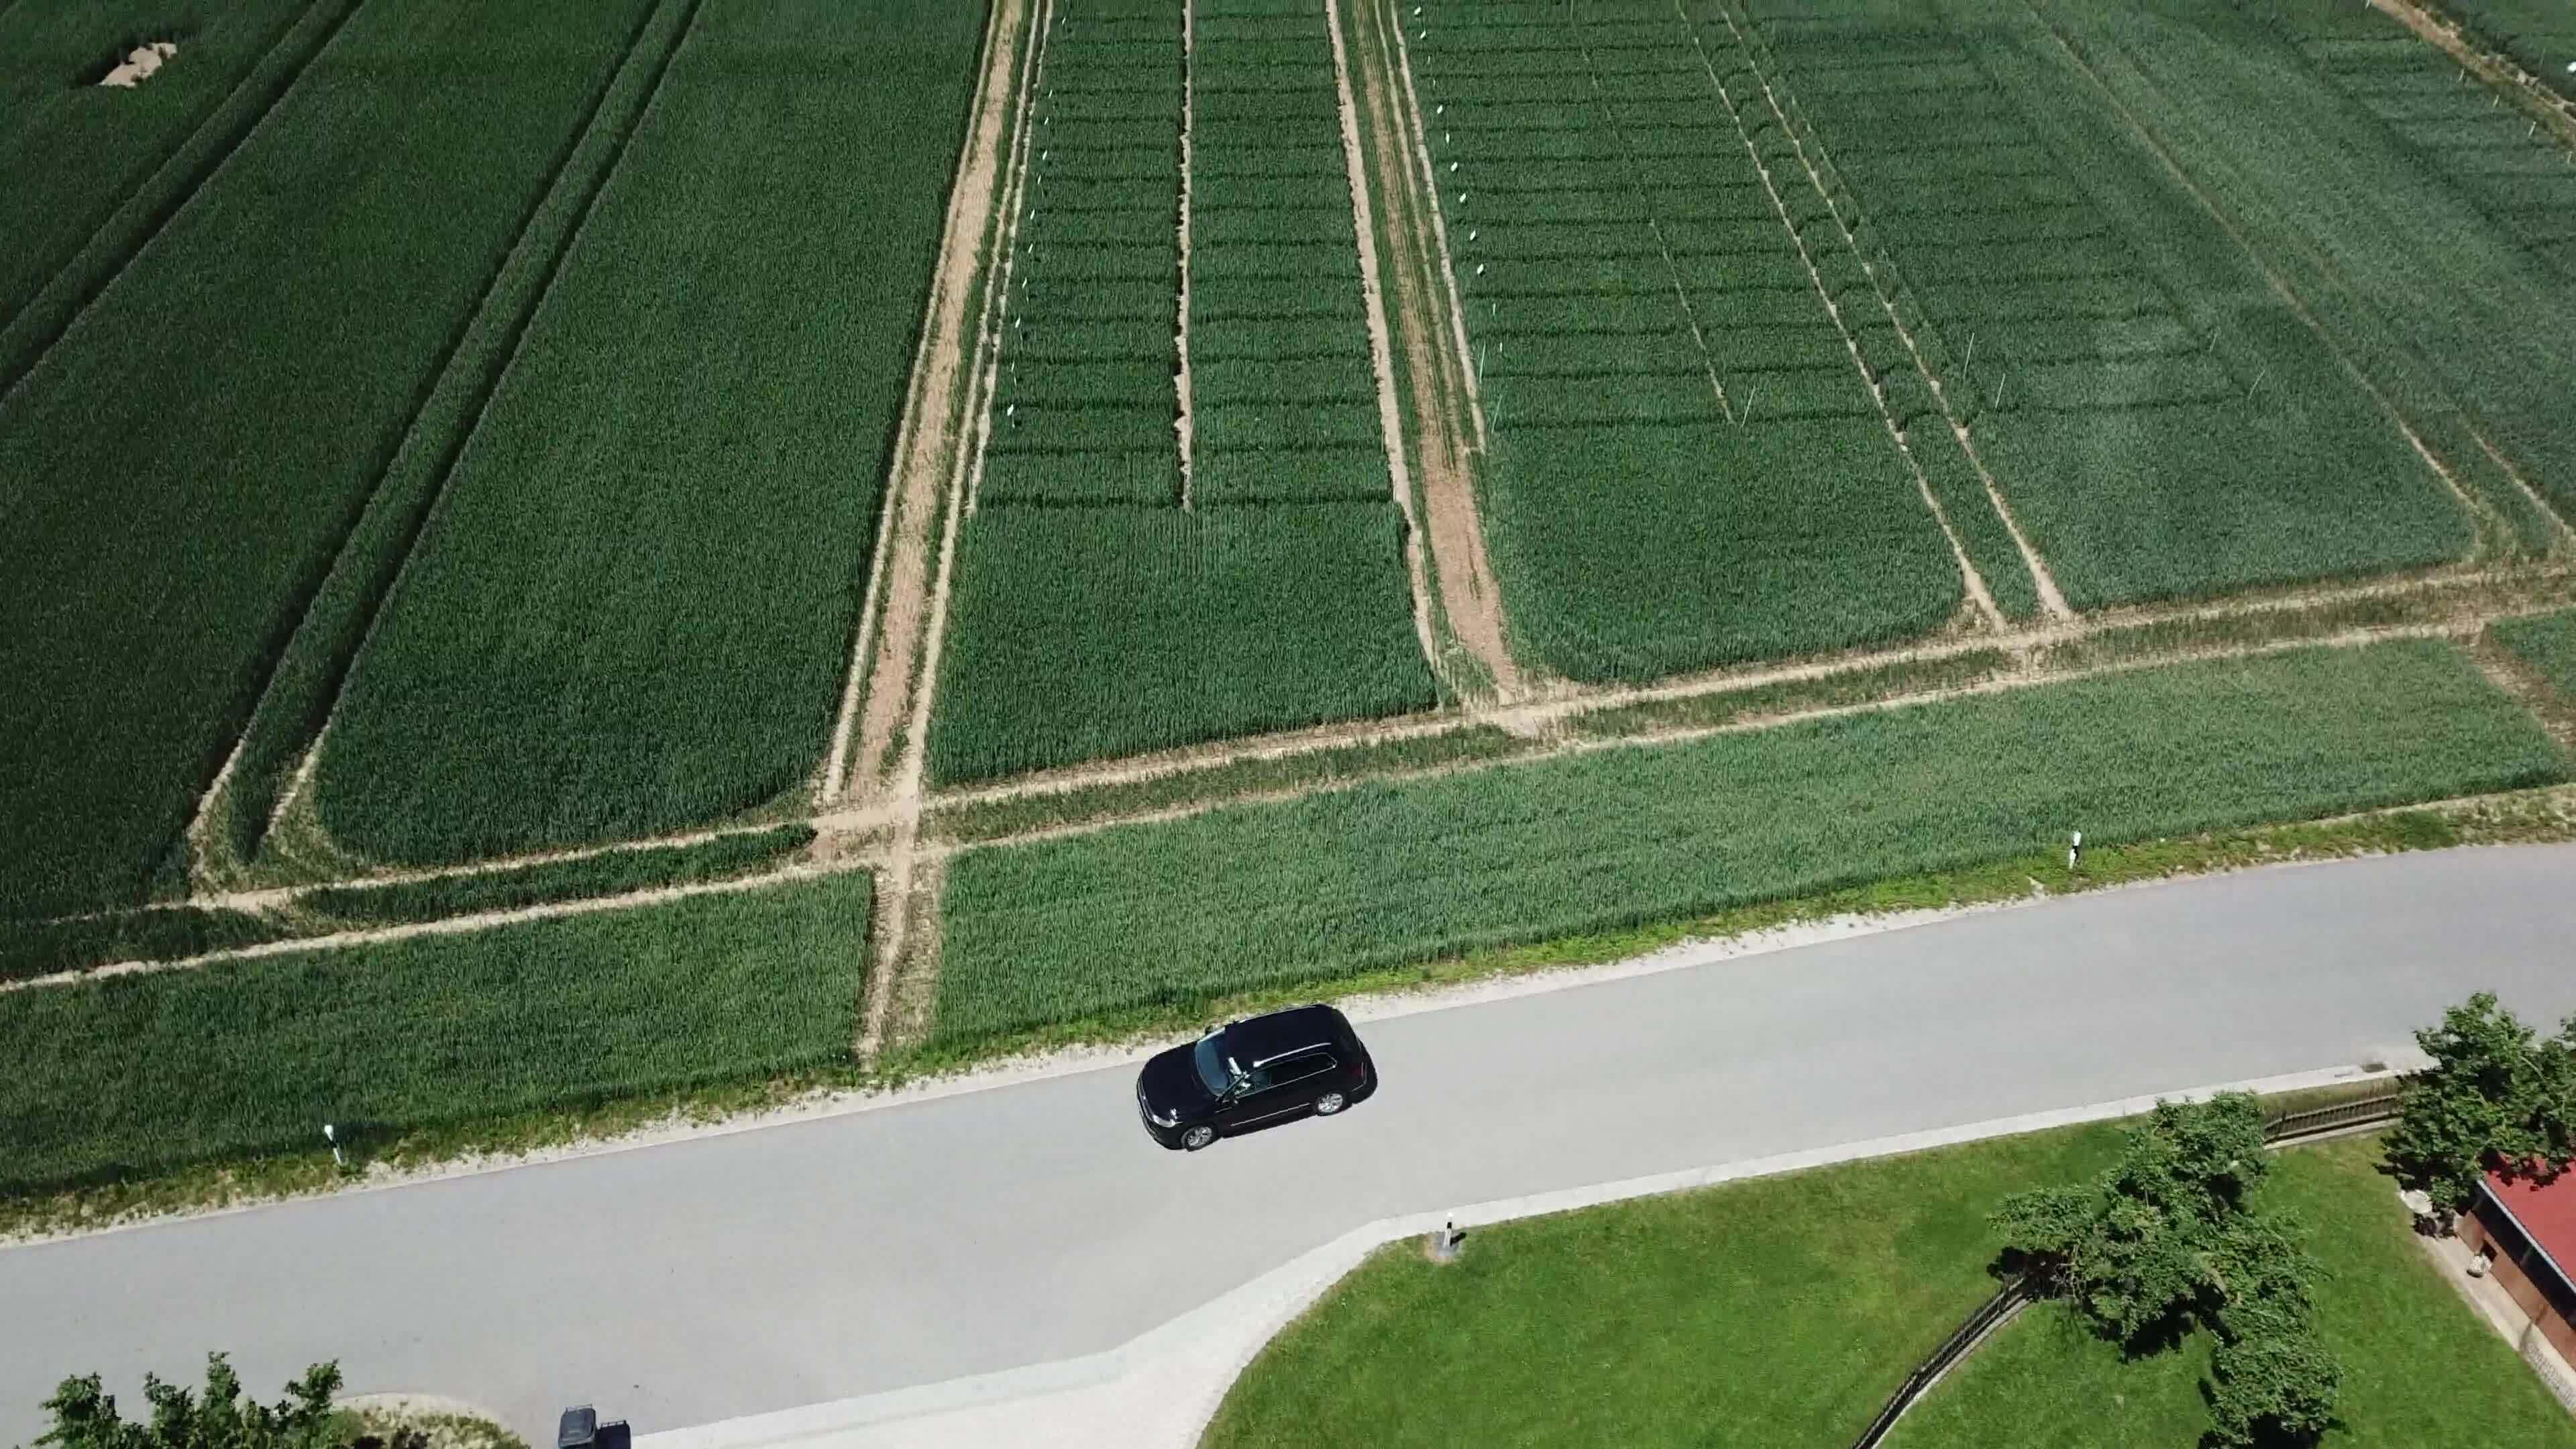 Standortreport Aich - Fungizideinsatz in Winterweizen